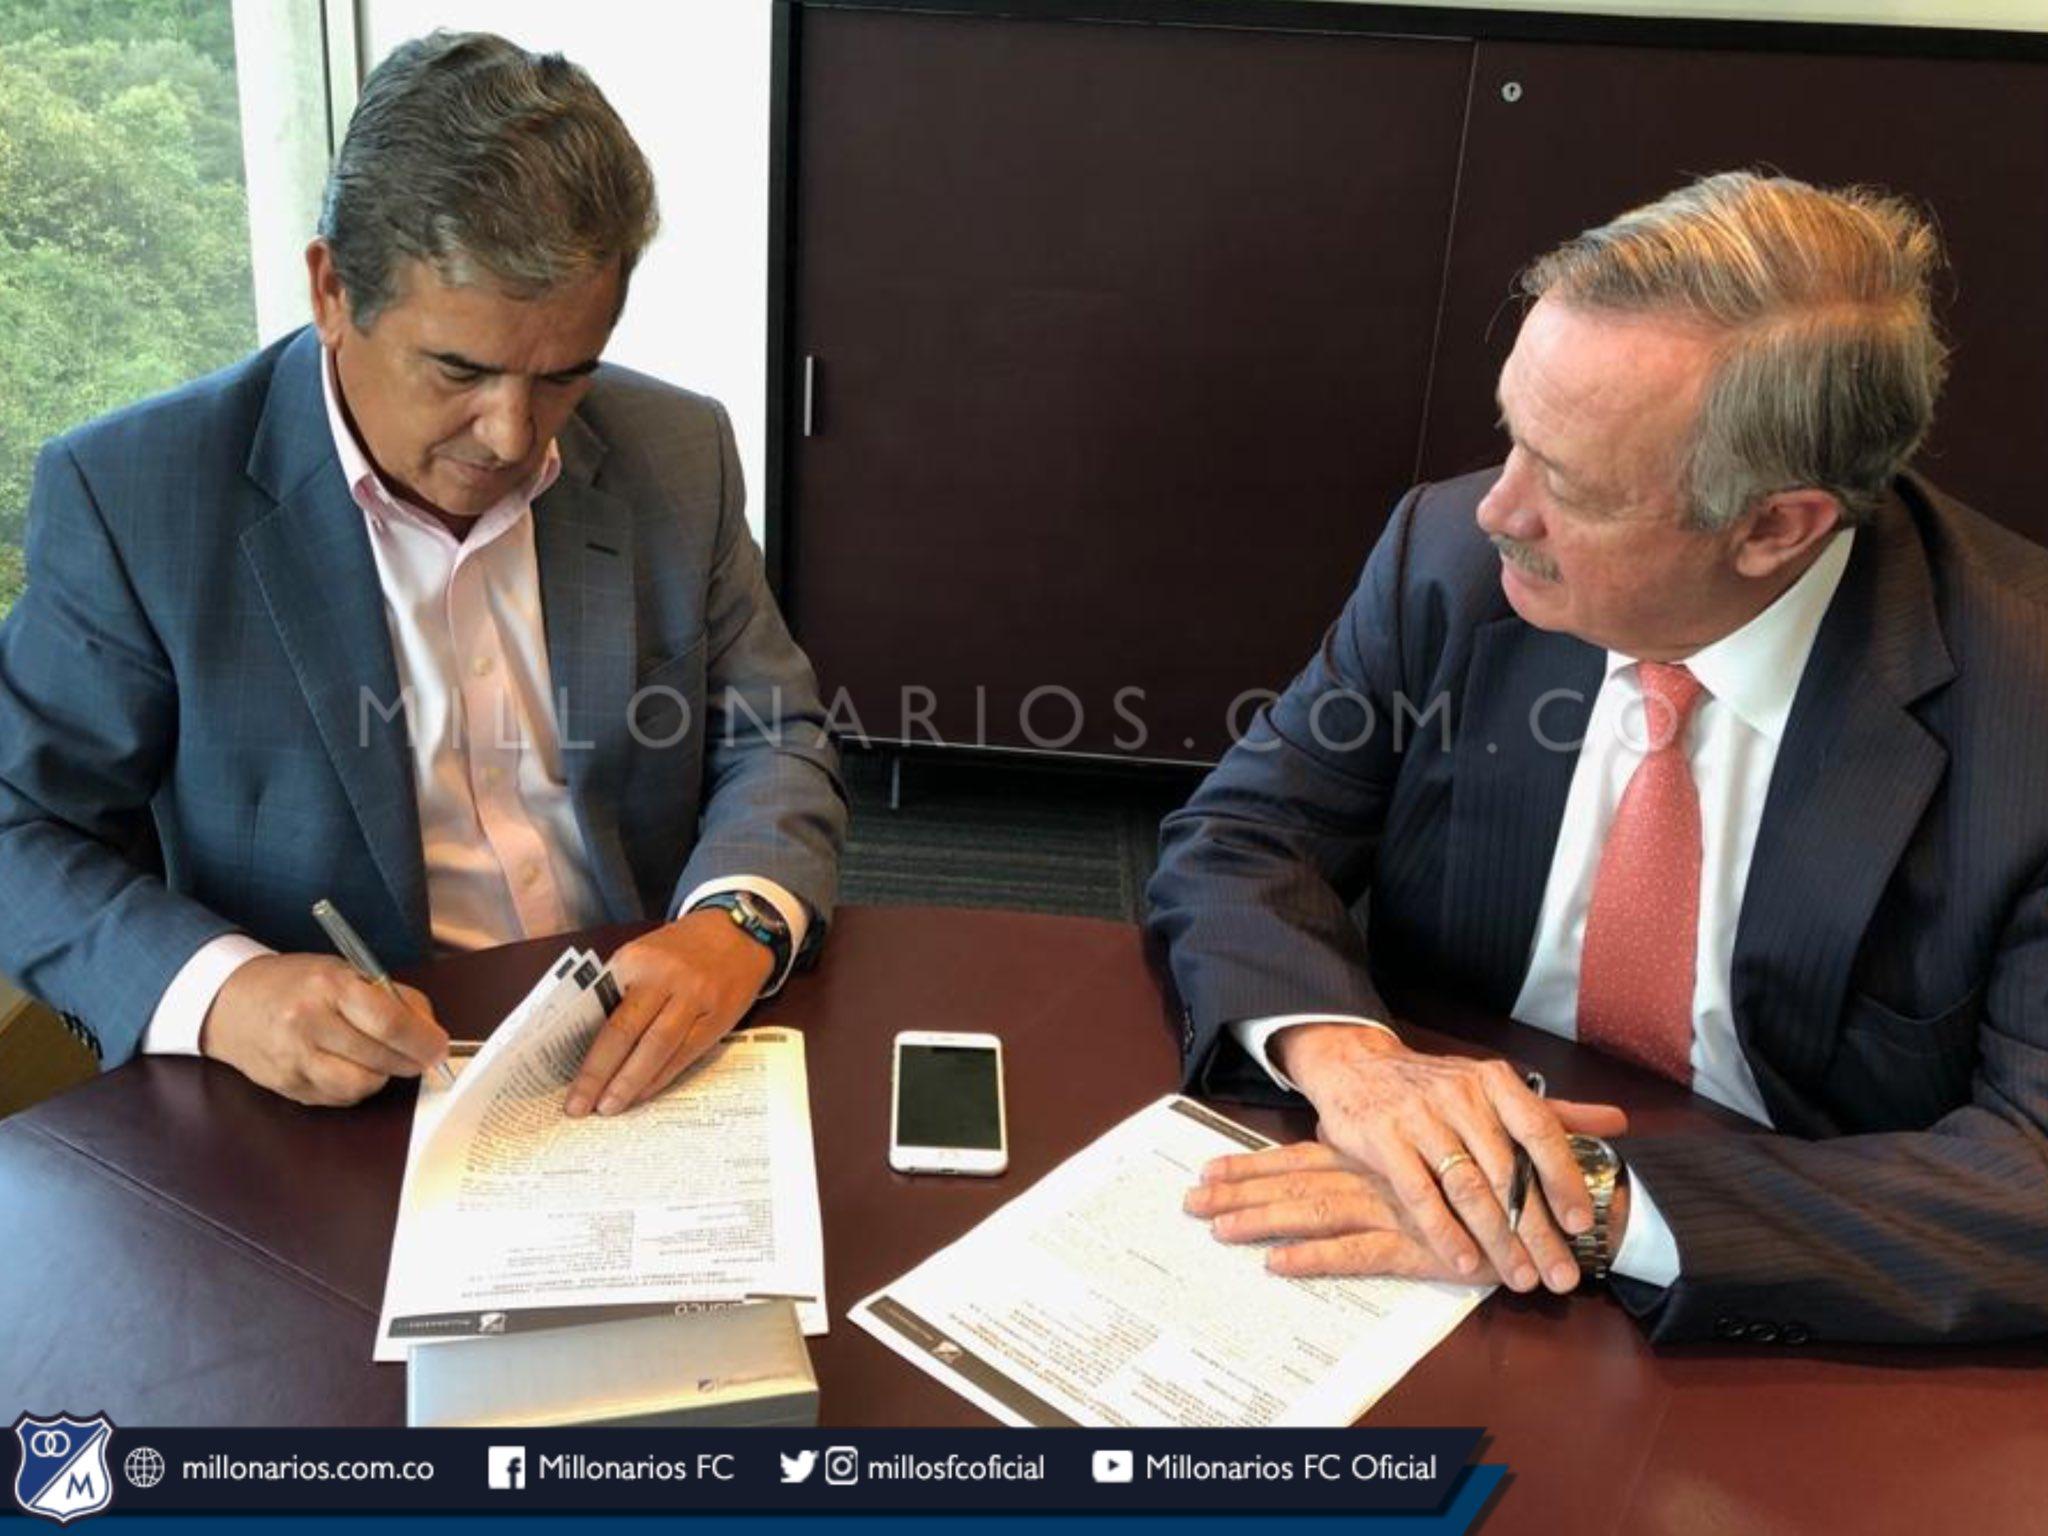 Jorge Luis Pinto nuevo DT de Millonarios, presentación oficial